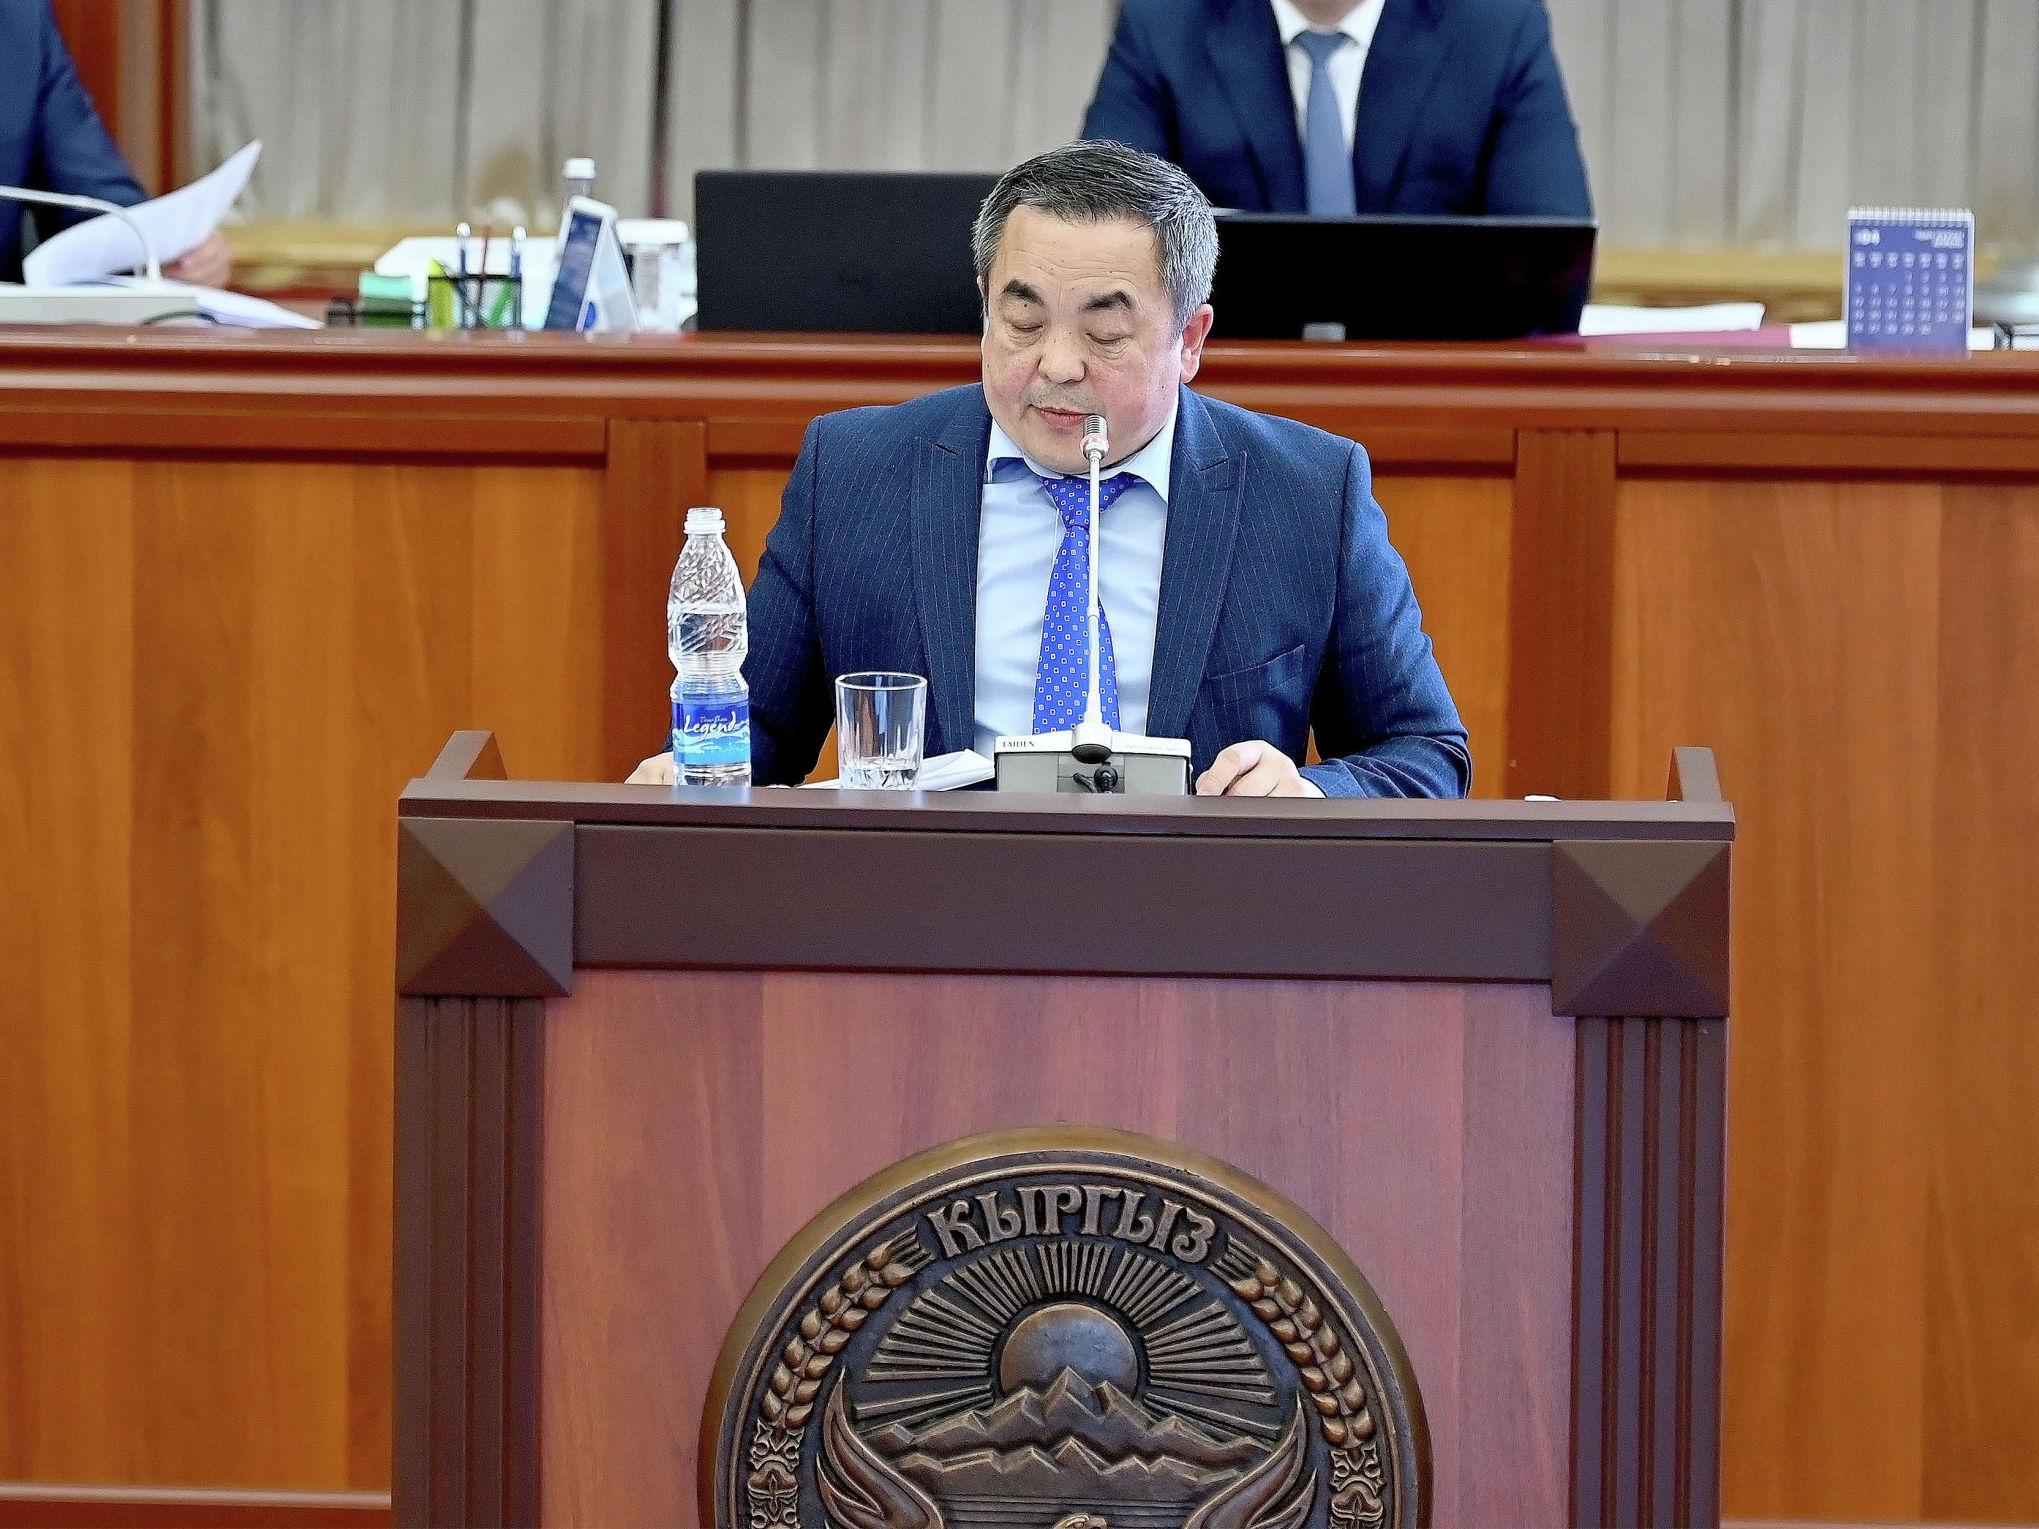 Член совета директоров Centerra Gold Inc. Тенгиз Болтурук на внеочередном заседании Жогорку Кенеша